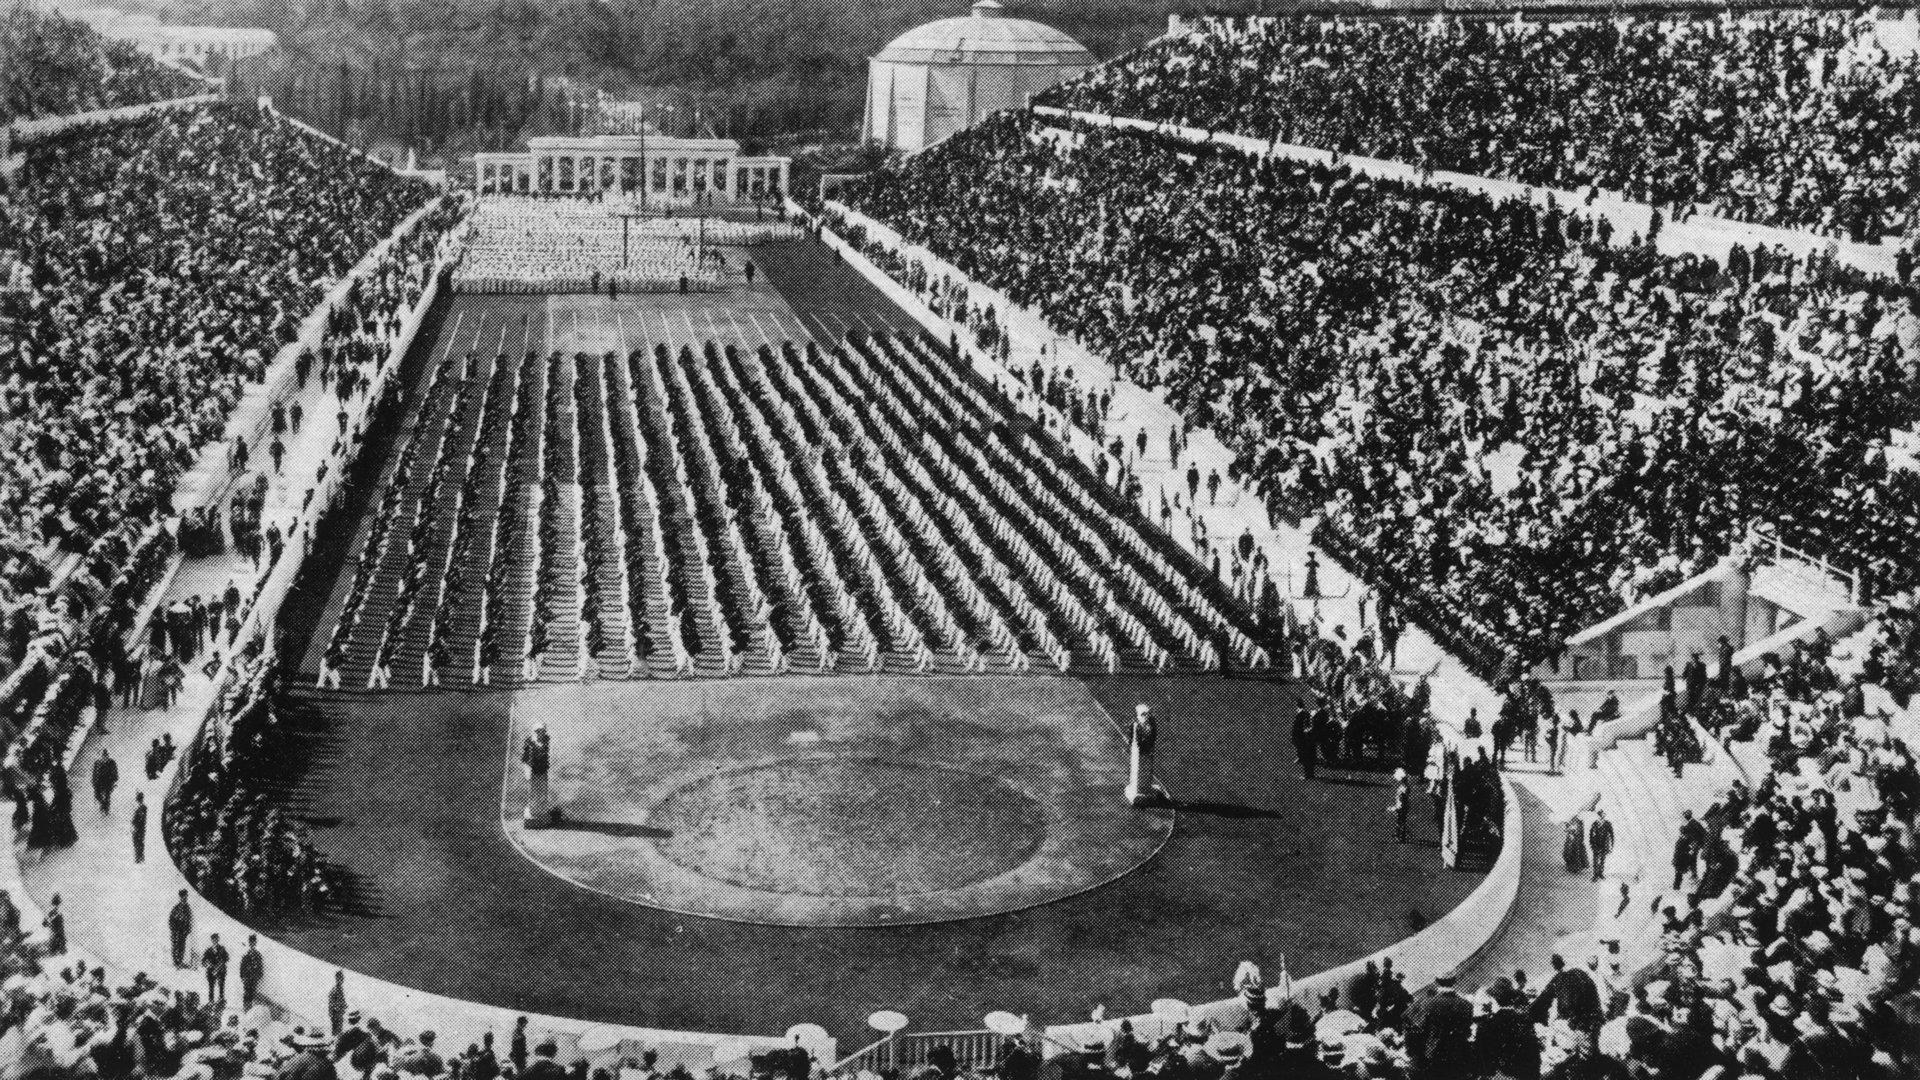 23 июня 1894 г.- дата возобновления Олимпийских игр и создания МОК